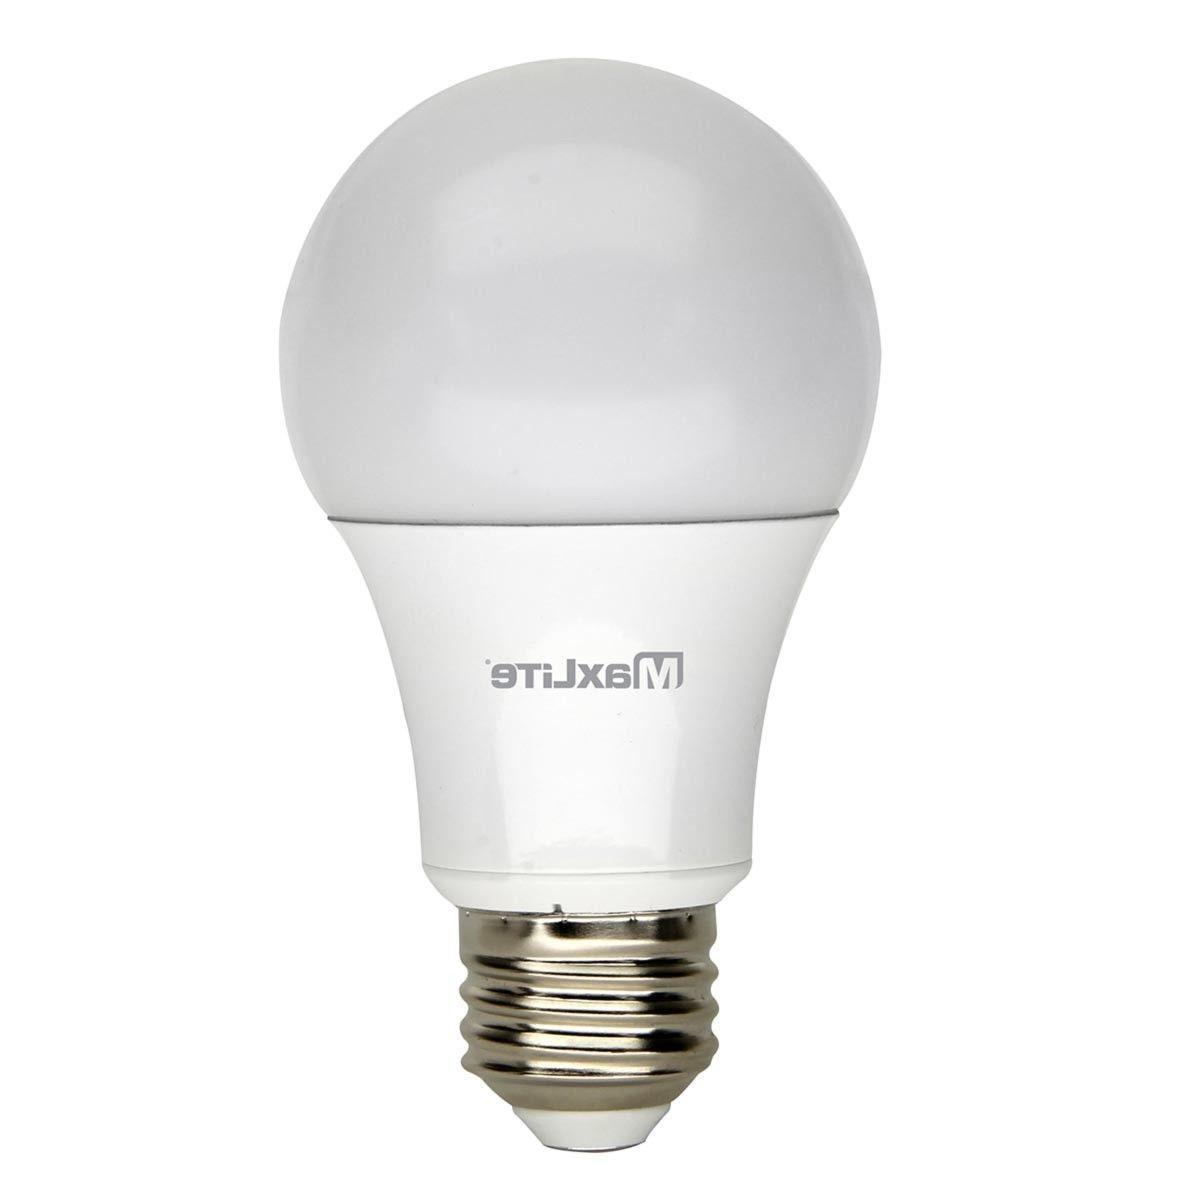 12 Bulbs MAXLITE 15W 1600 Lumens Soft White A19 E26 Dimmable